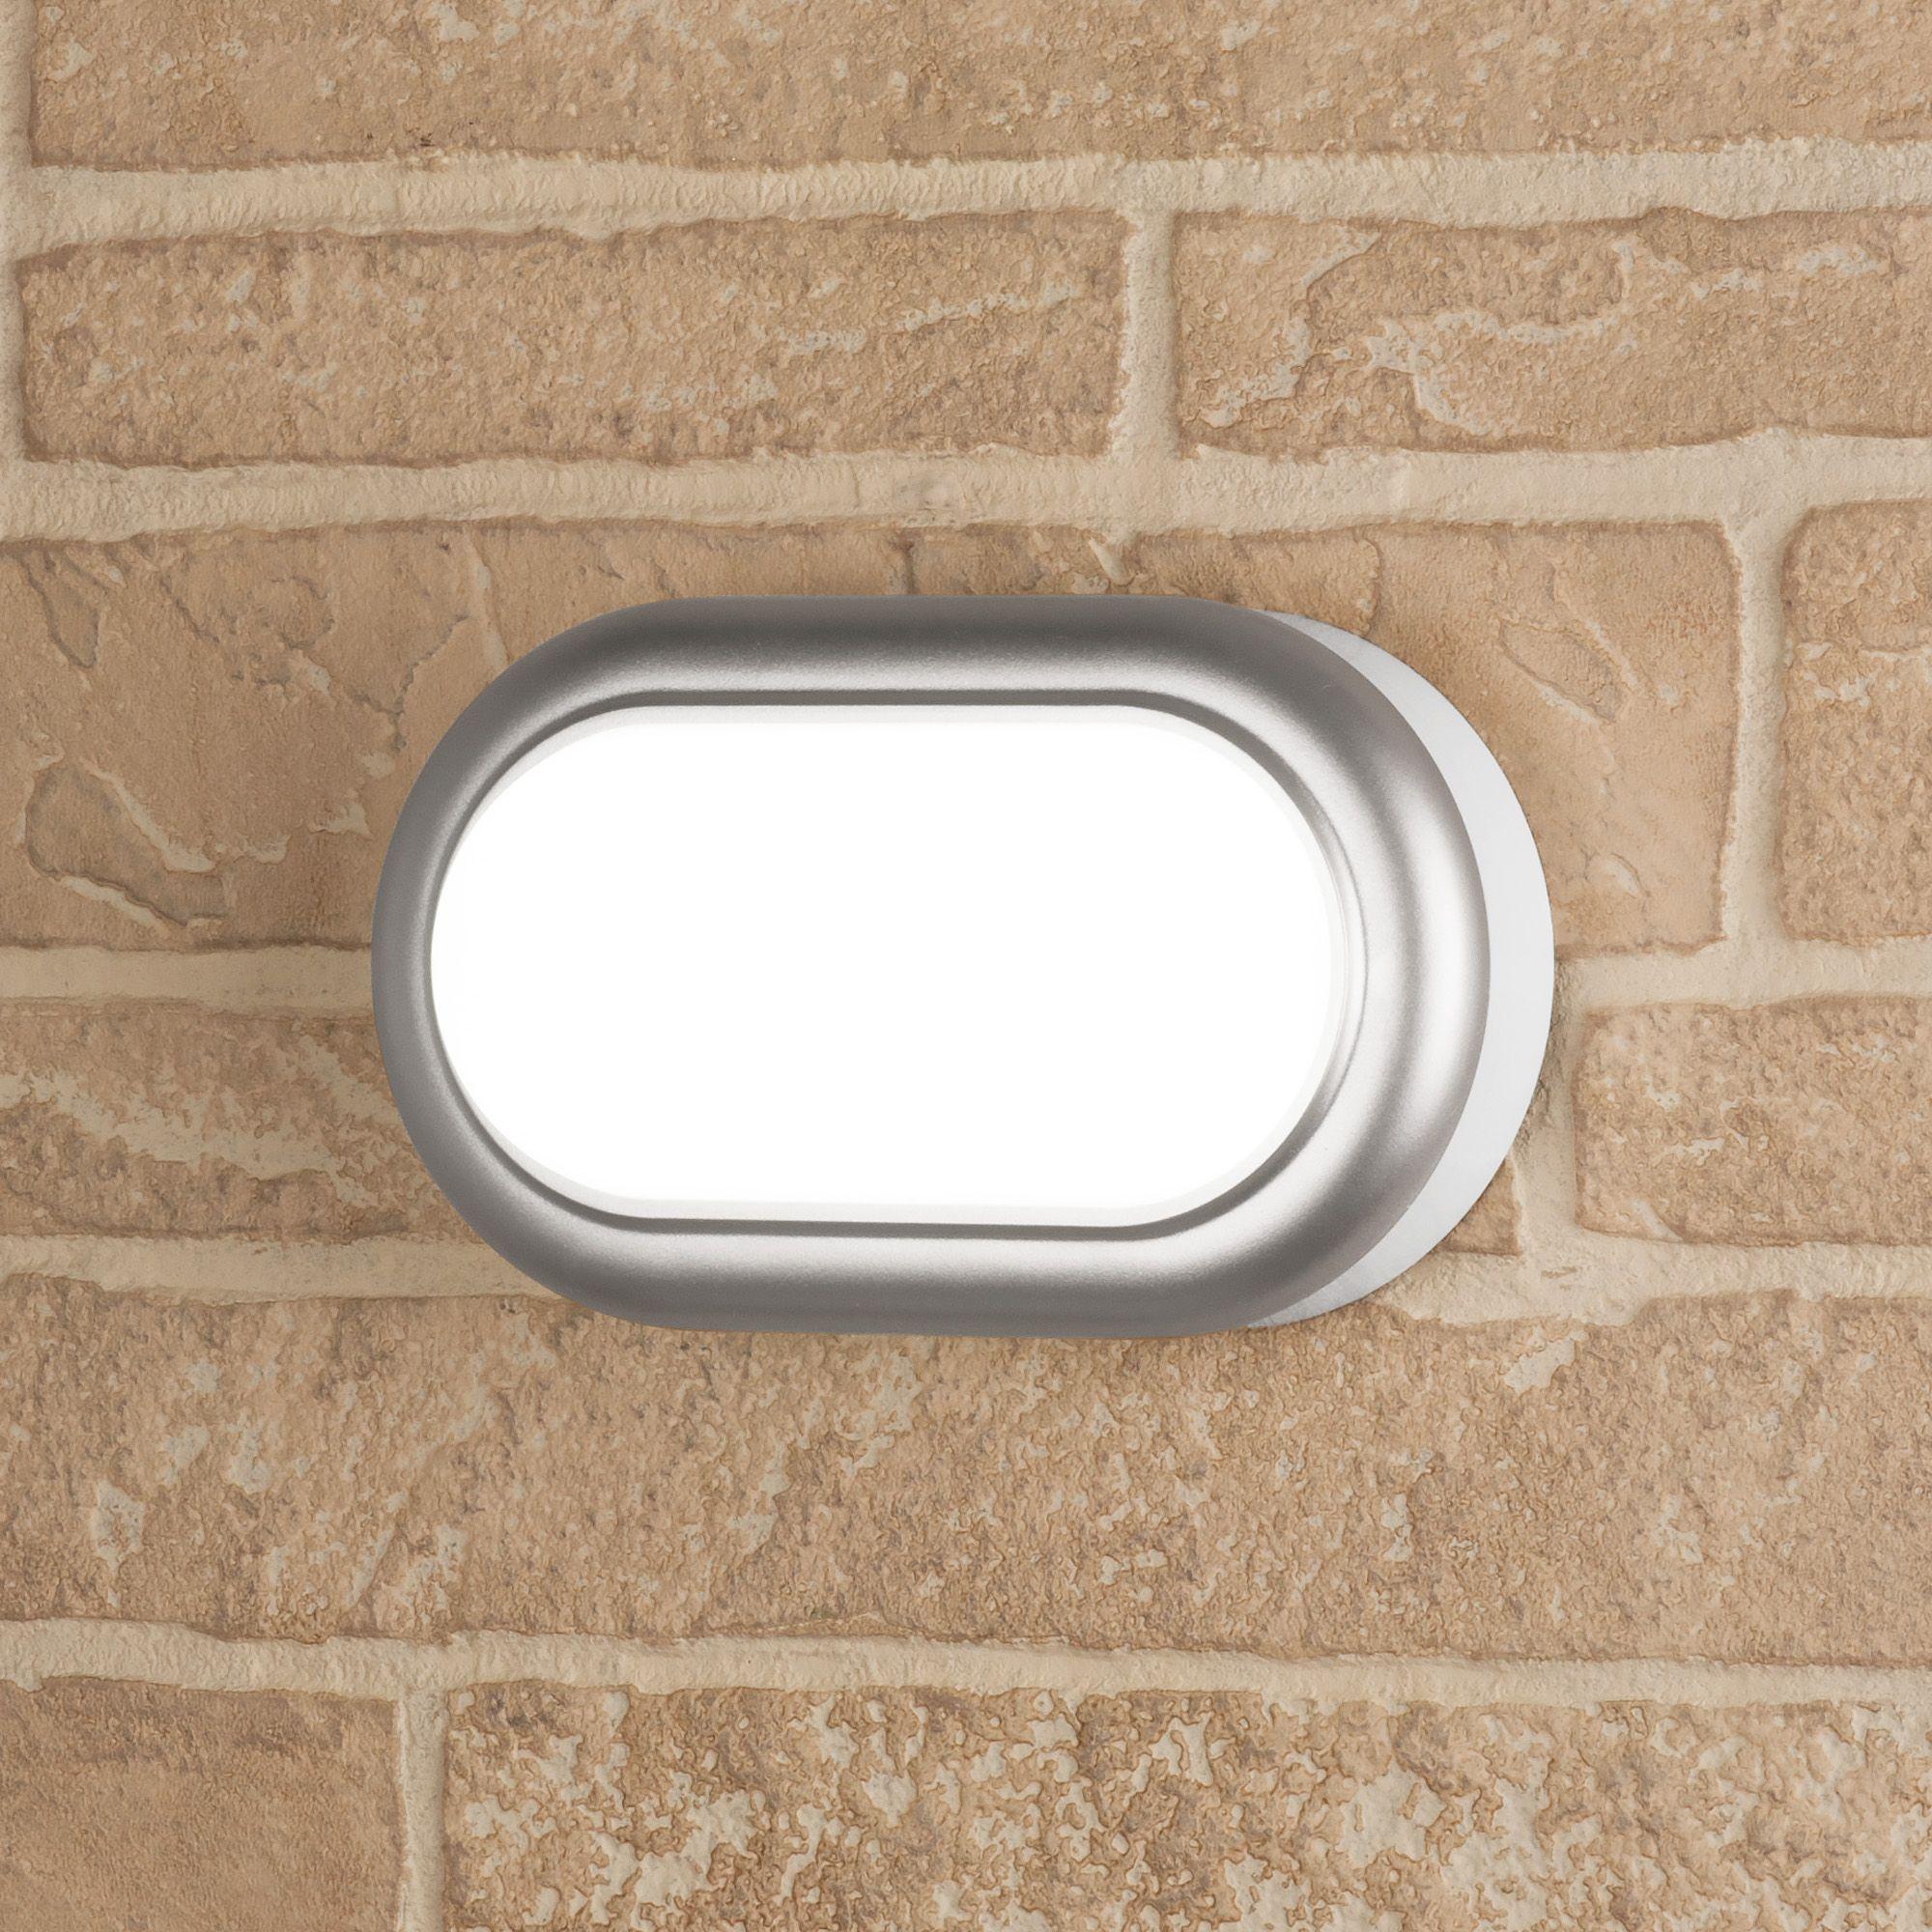 Пылевлагозащищенный светодиодный светильник LTB03824000 8W 54K серебро